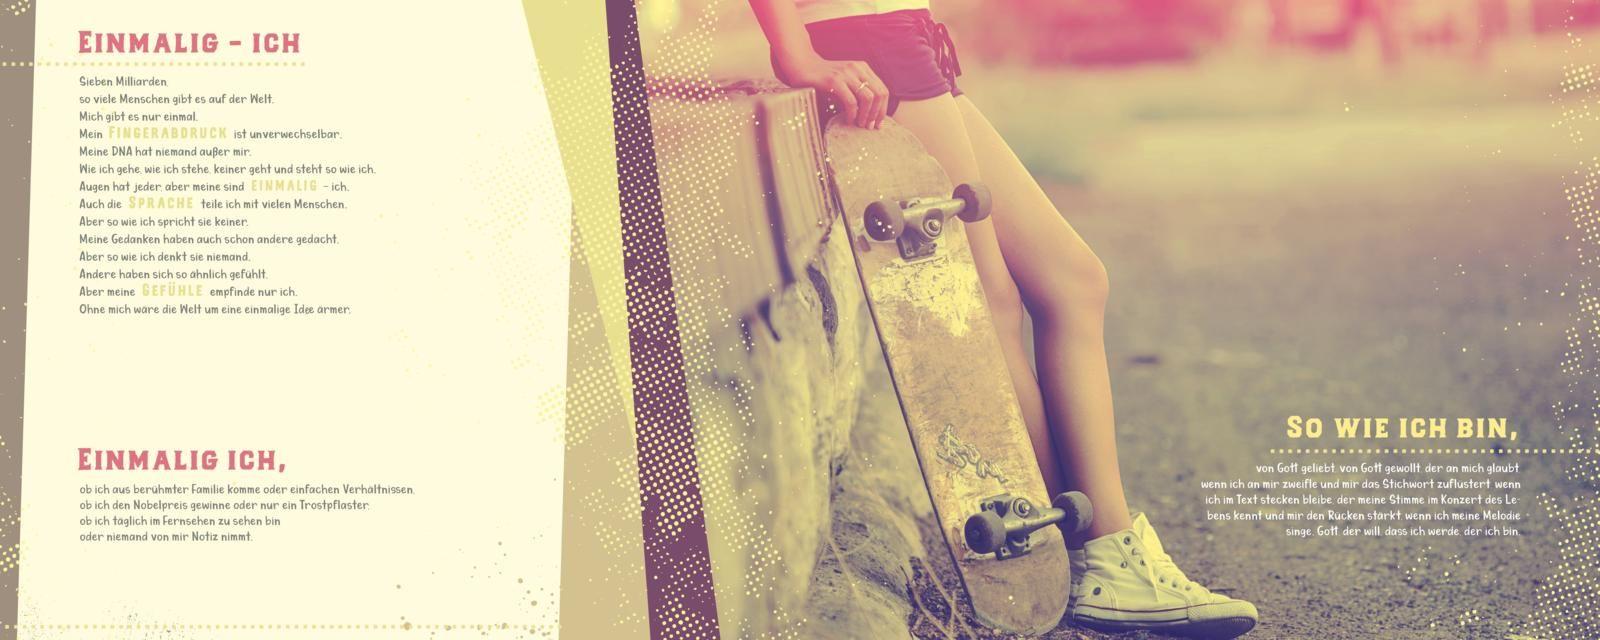 Mit dir kann ich über Mauern springen